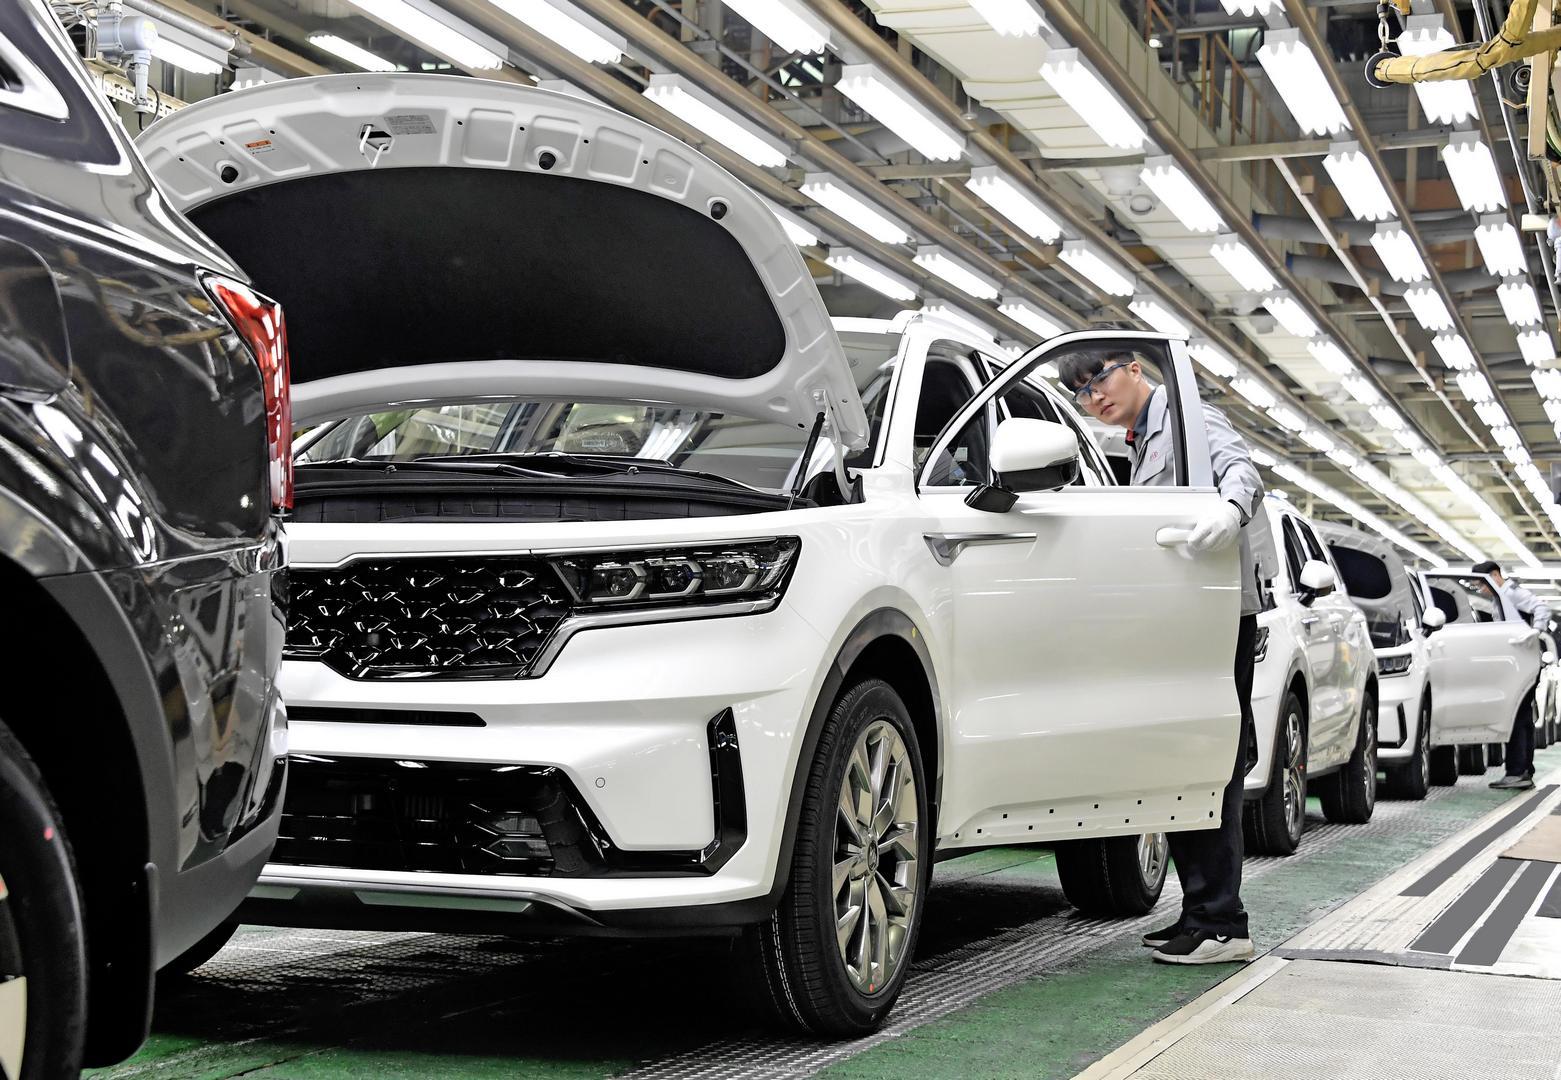 2021 - [Kia] Sorento IV - Page 4 Kia-introduces-ceed-with-mhev-and-imt-sorento-hybrid-production-kicks-off_2